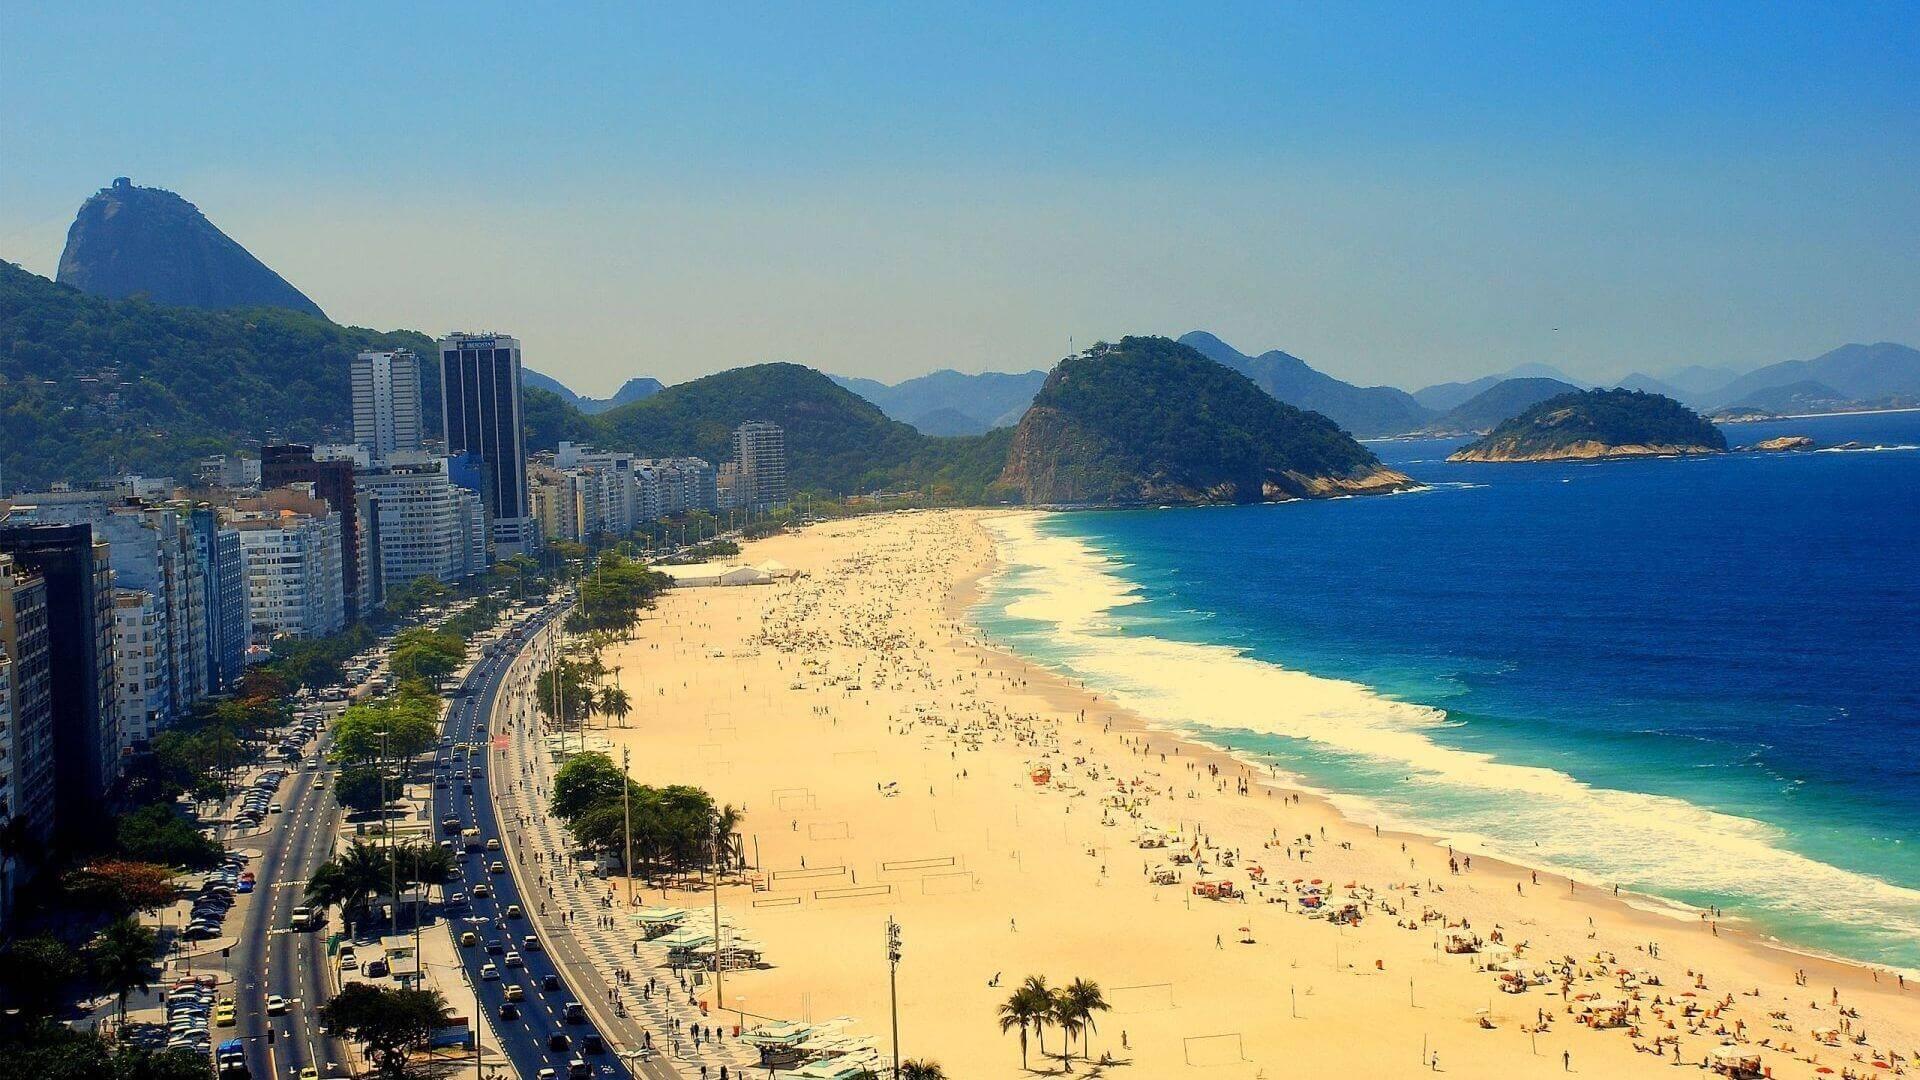 Plaja Copacabana - Rio de Janeiro